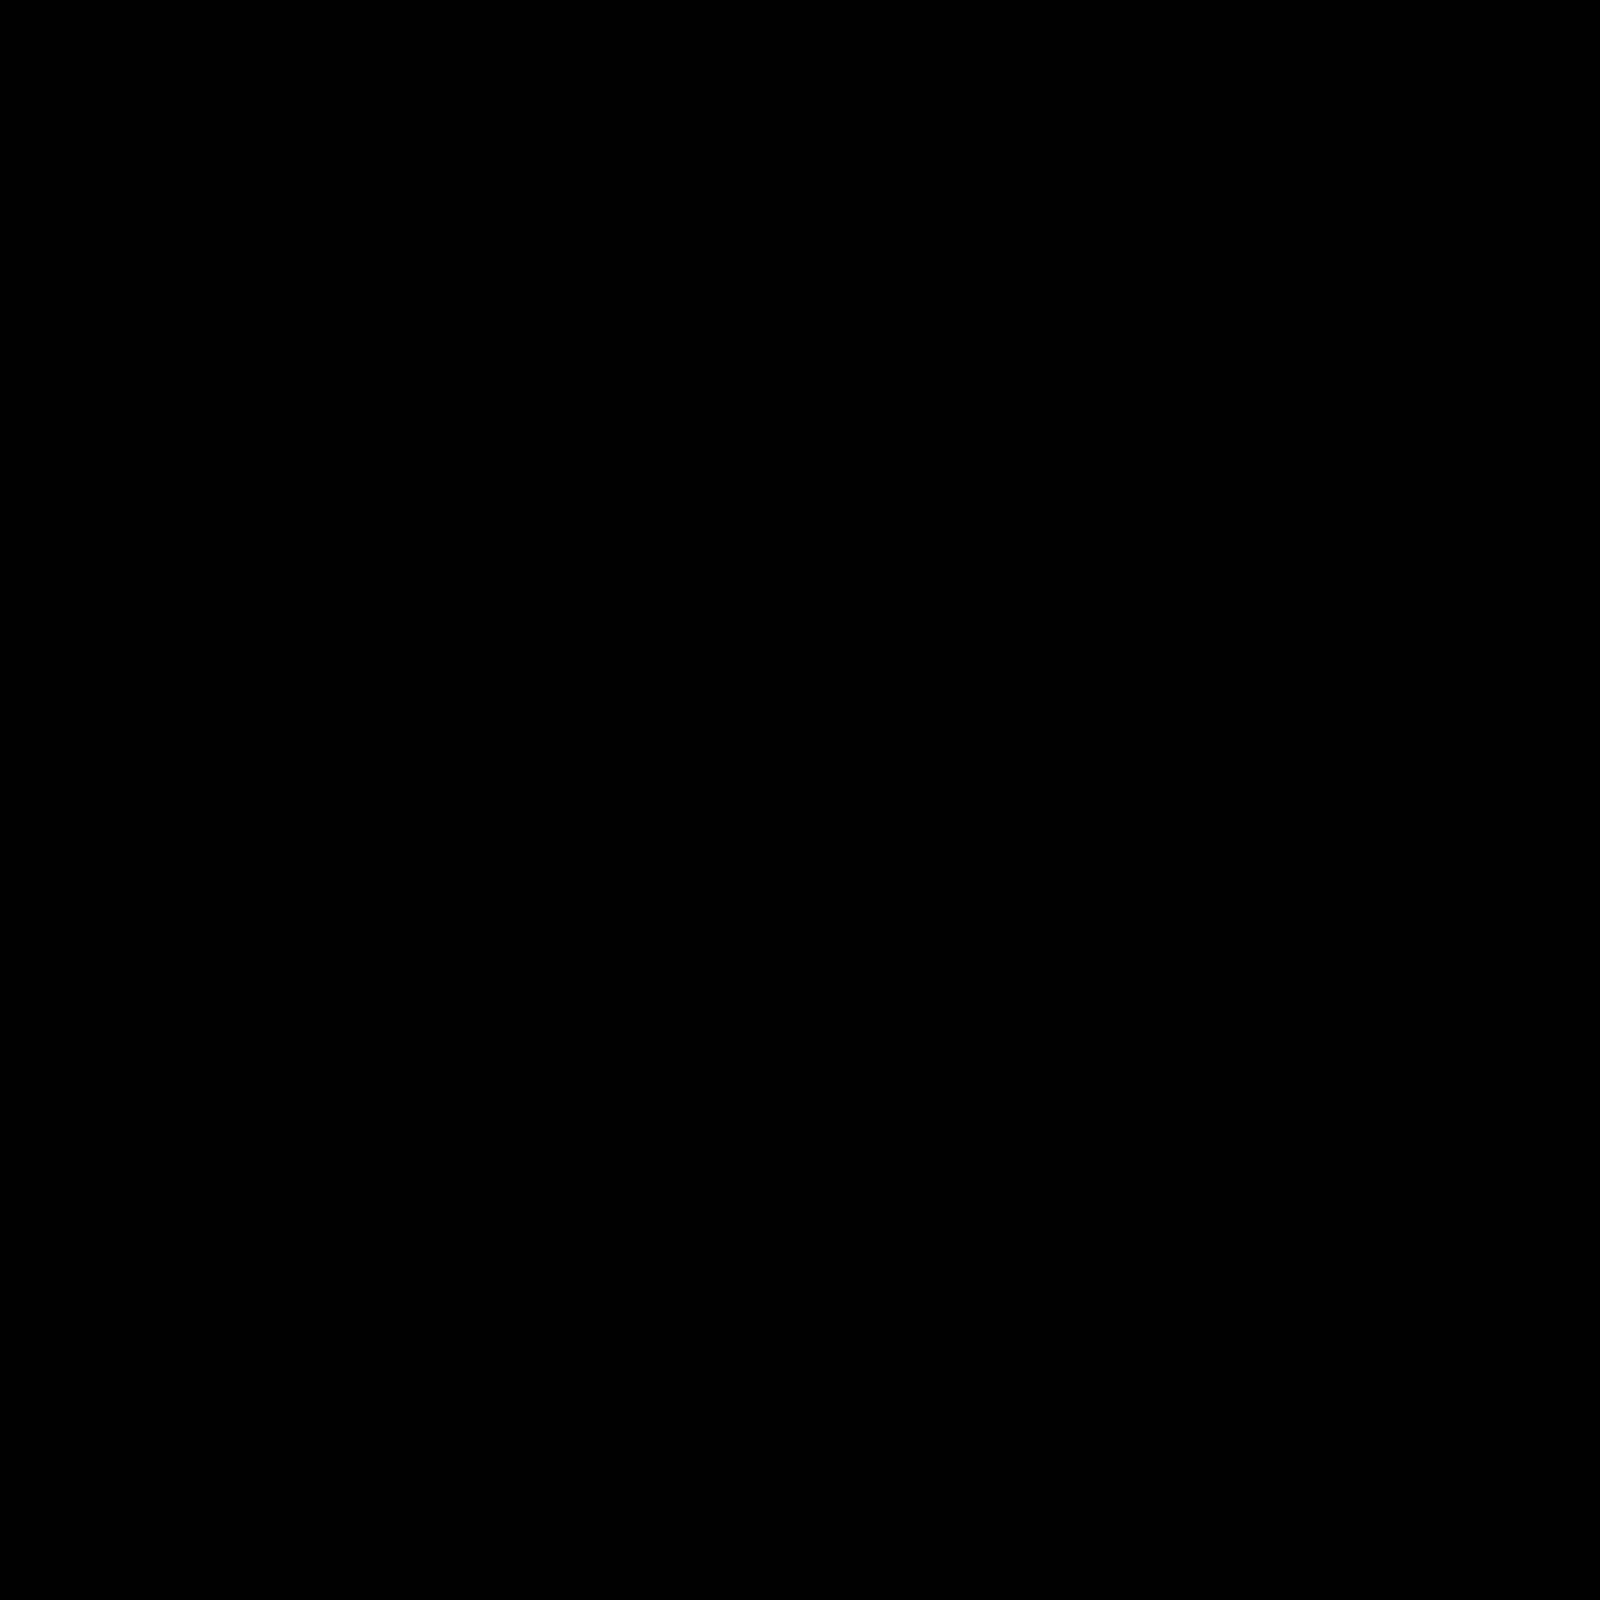 Спортивное табло icon